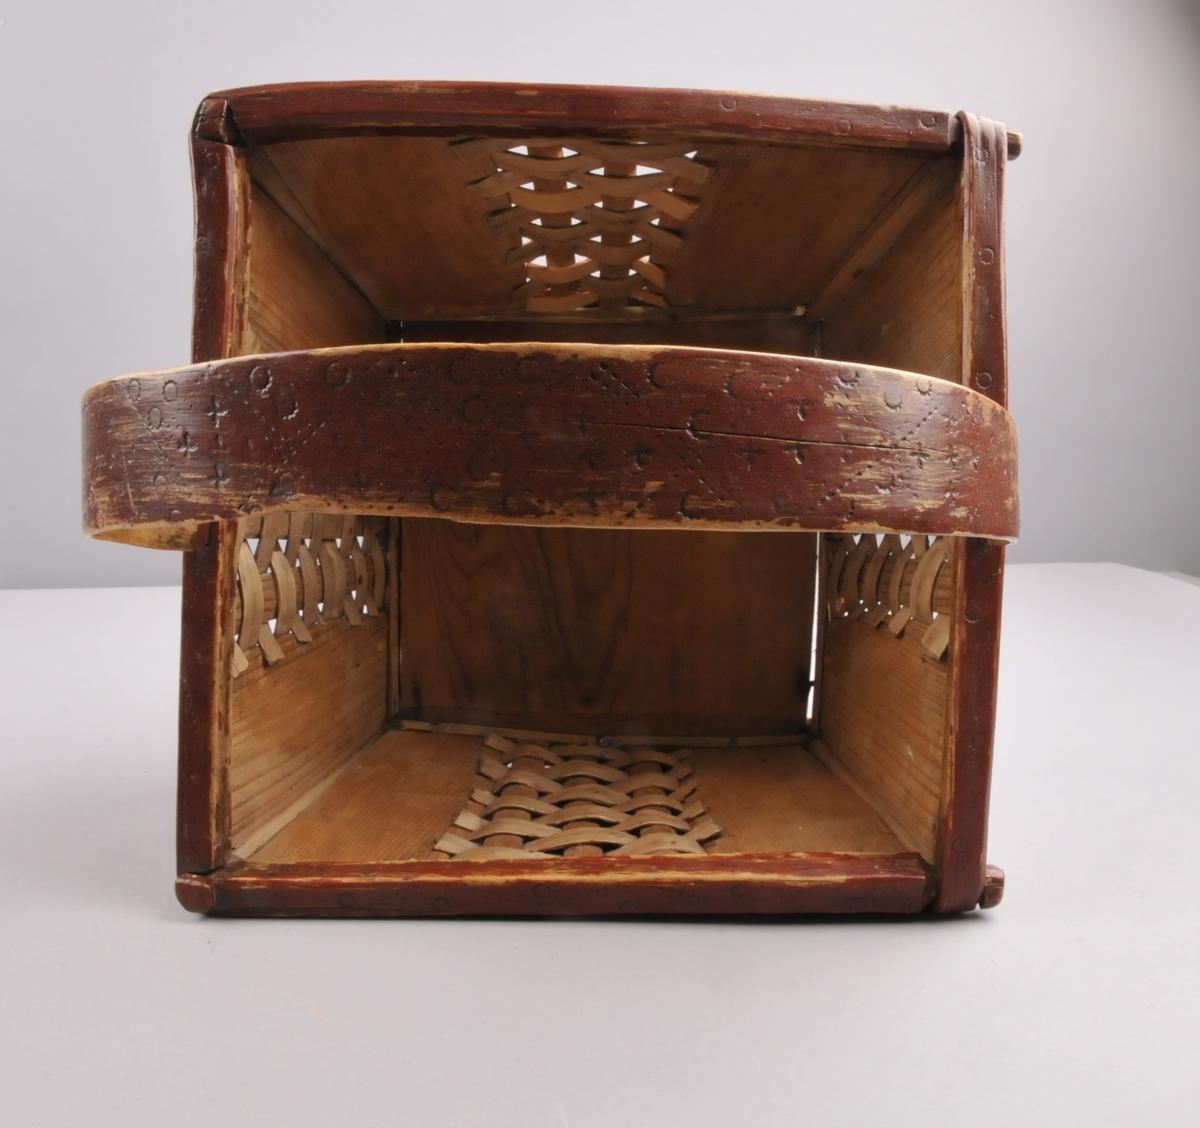 """Raudmåla korv av tre, med svidekor og fletta mønster i spon på alle fire sidene. Brenndekorert med mønster i kryss, samt ruter og sirkelmotiv. Korva er firkanta, og har ei hank.Hanka er nagla fasst til korva med trenaglar. Langs sidene og botten er det sett inn metallnaglar. Korva er fellt saman med """"treknappar"""" i aller fire hjørna."""